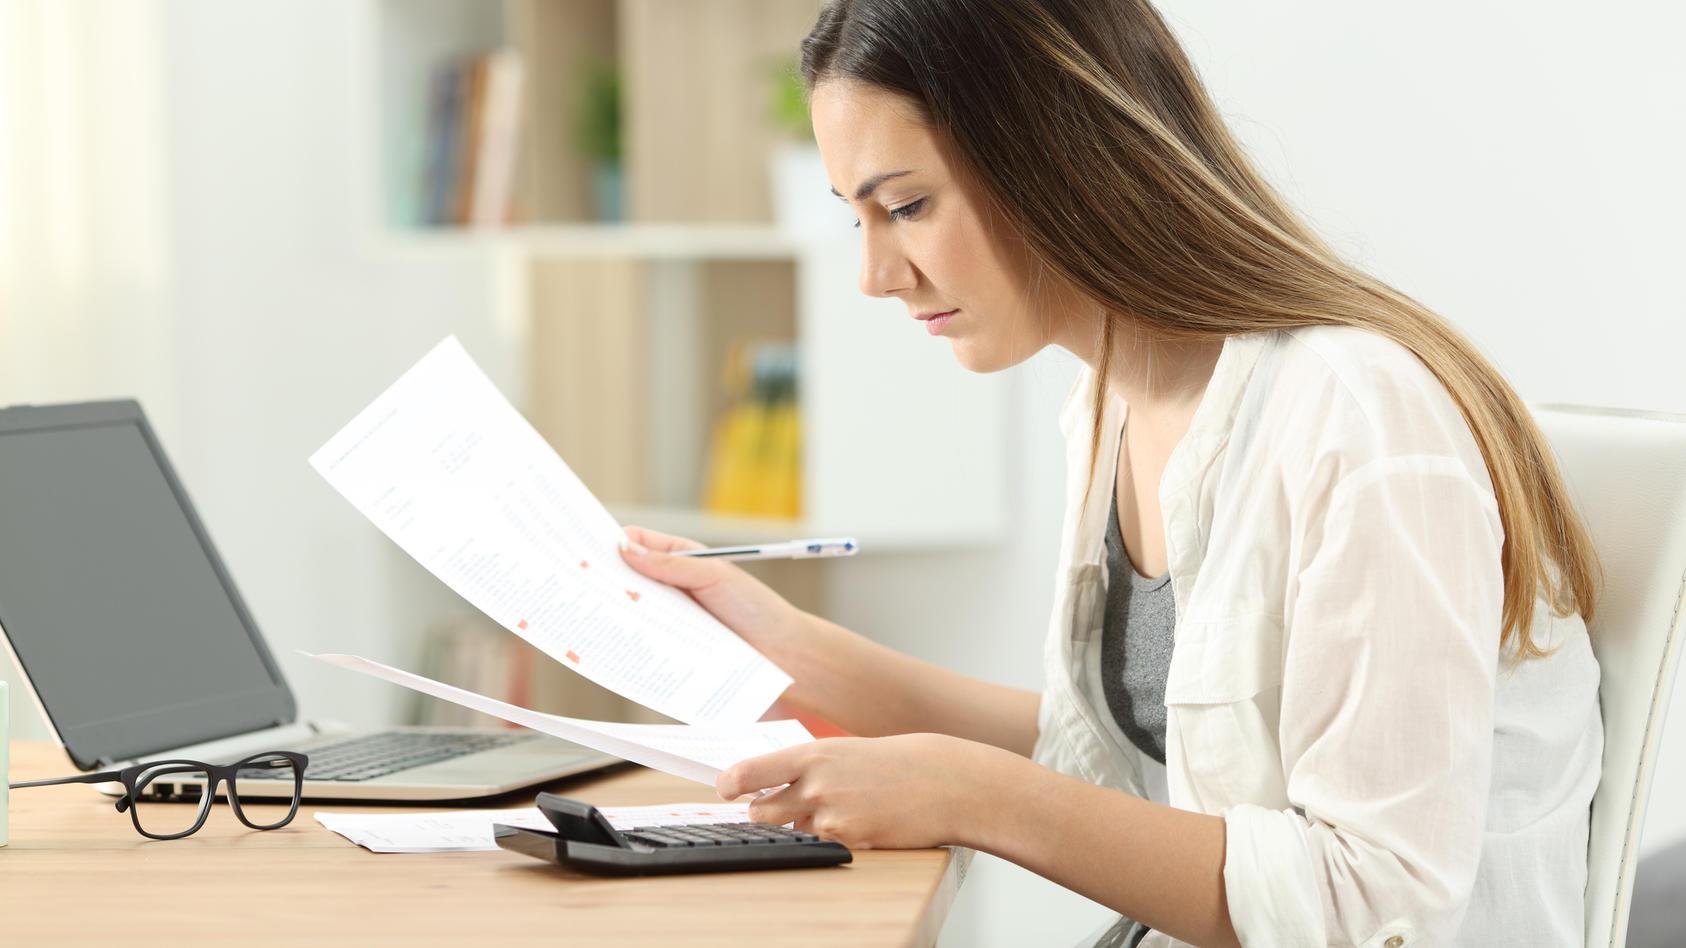 Frau überprüft ihre Gehaltsabrechnung.